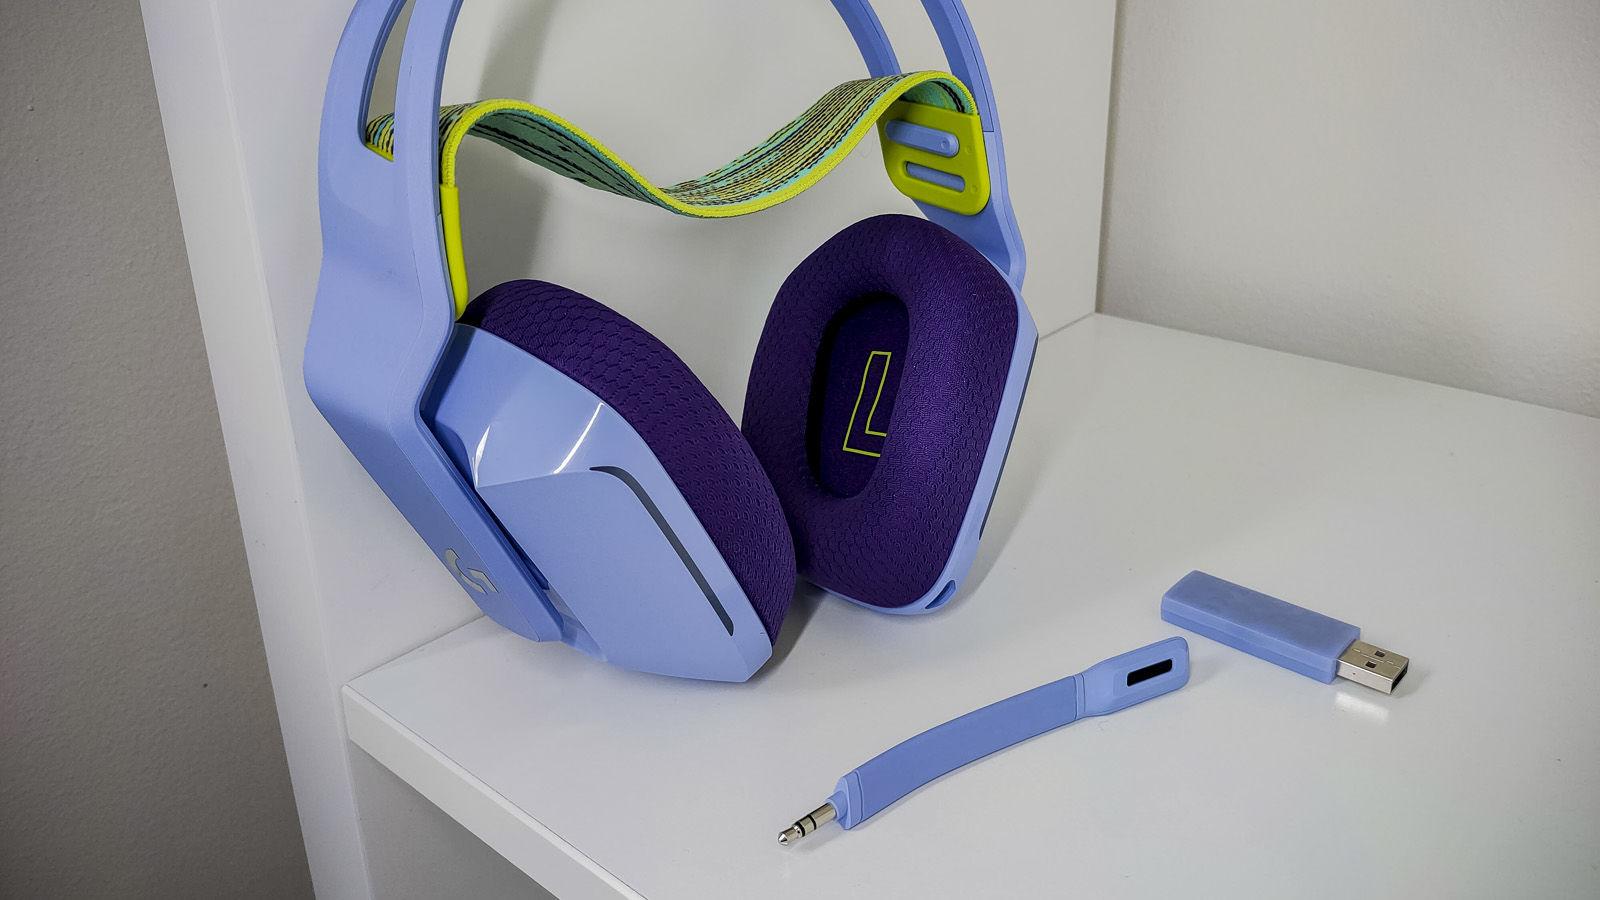 Auriculares Logitech G733